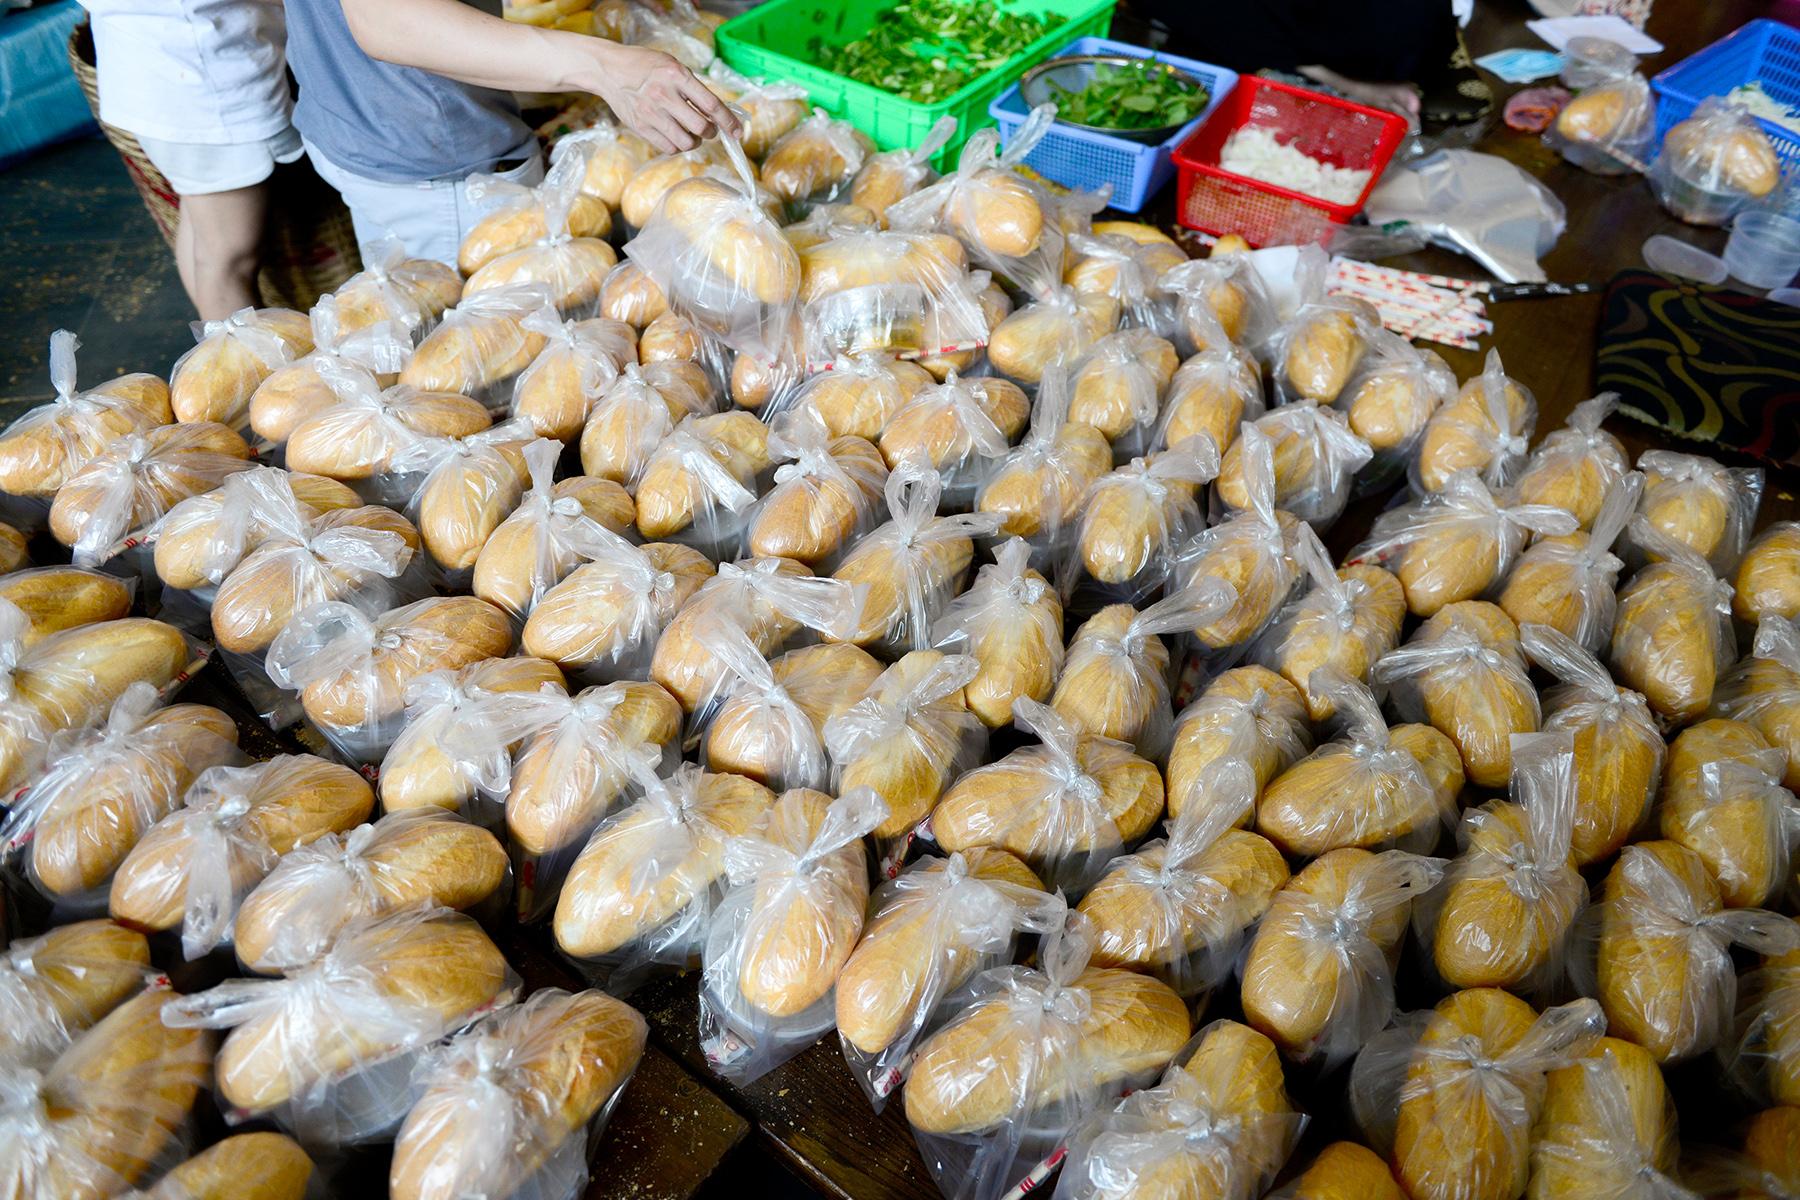 Chủ nhà hàng nấu 2.000 suất ăn miễn phí mỗi ngày cho lao động nghèo, khu phong toả ở Sài Gòn - 6